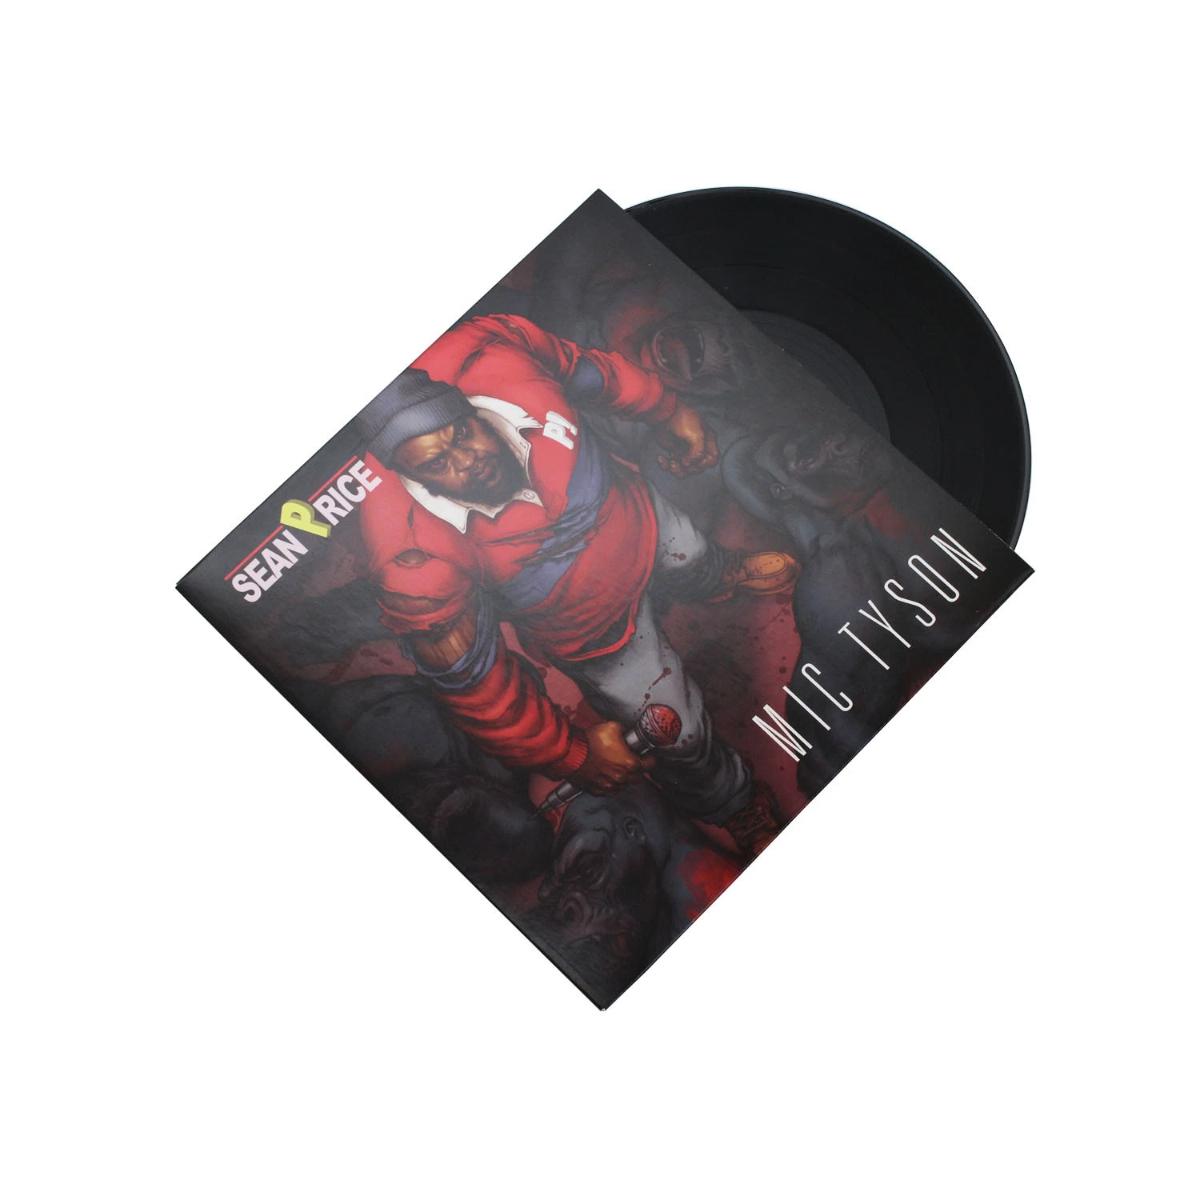 Sean Price - Mic Tyson vinyl (2XLP)